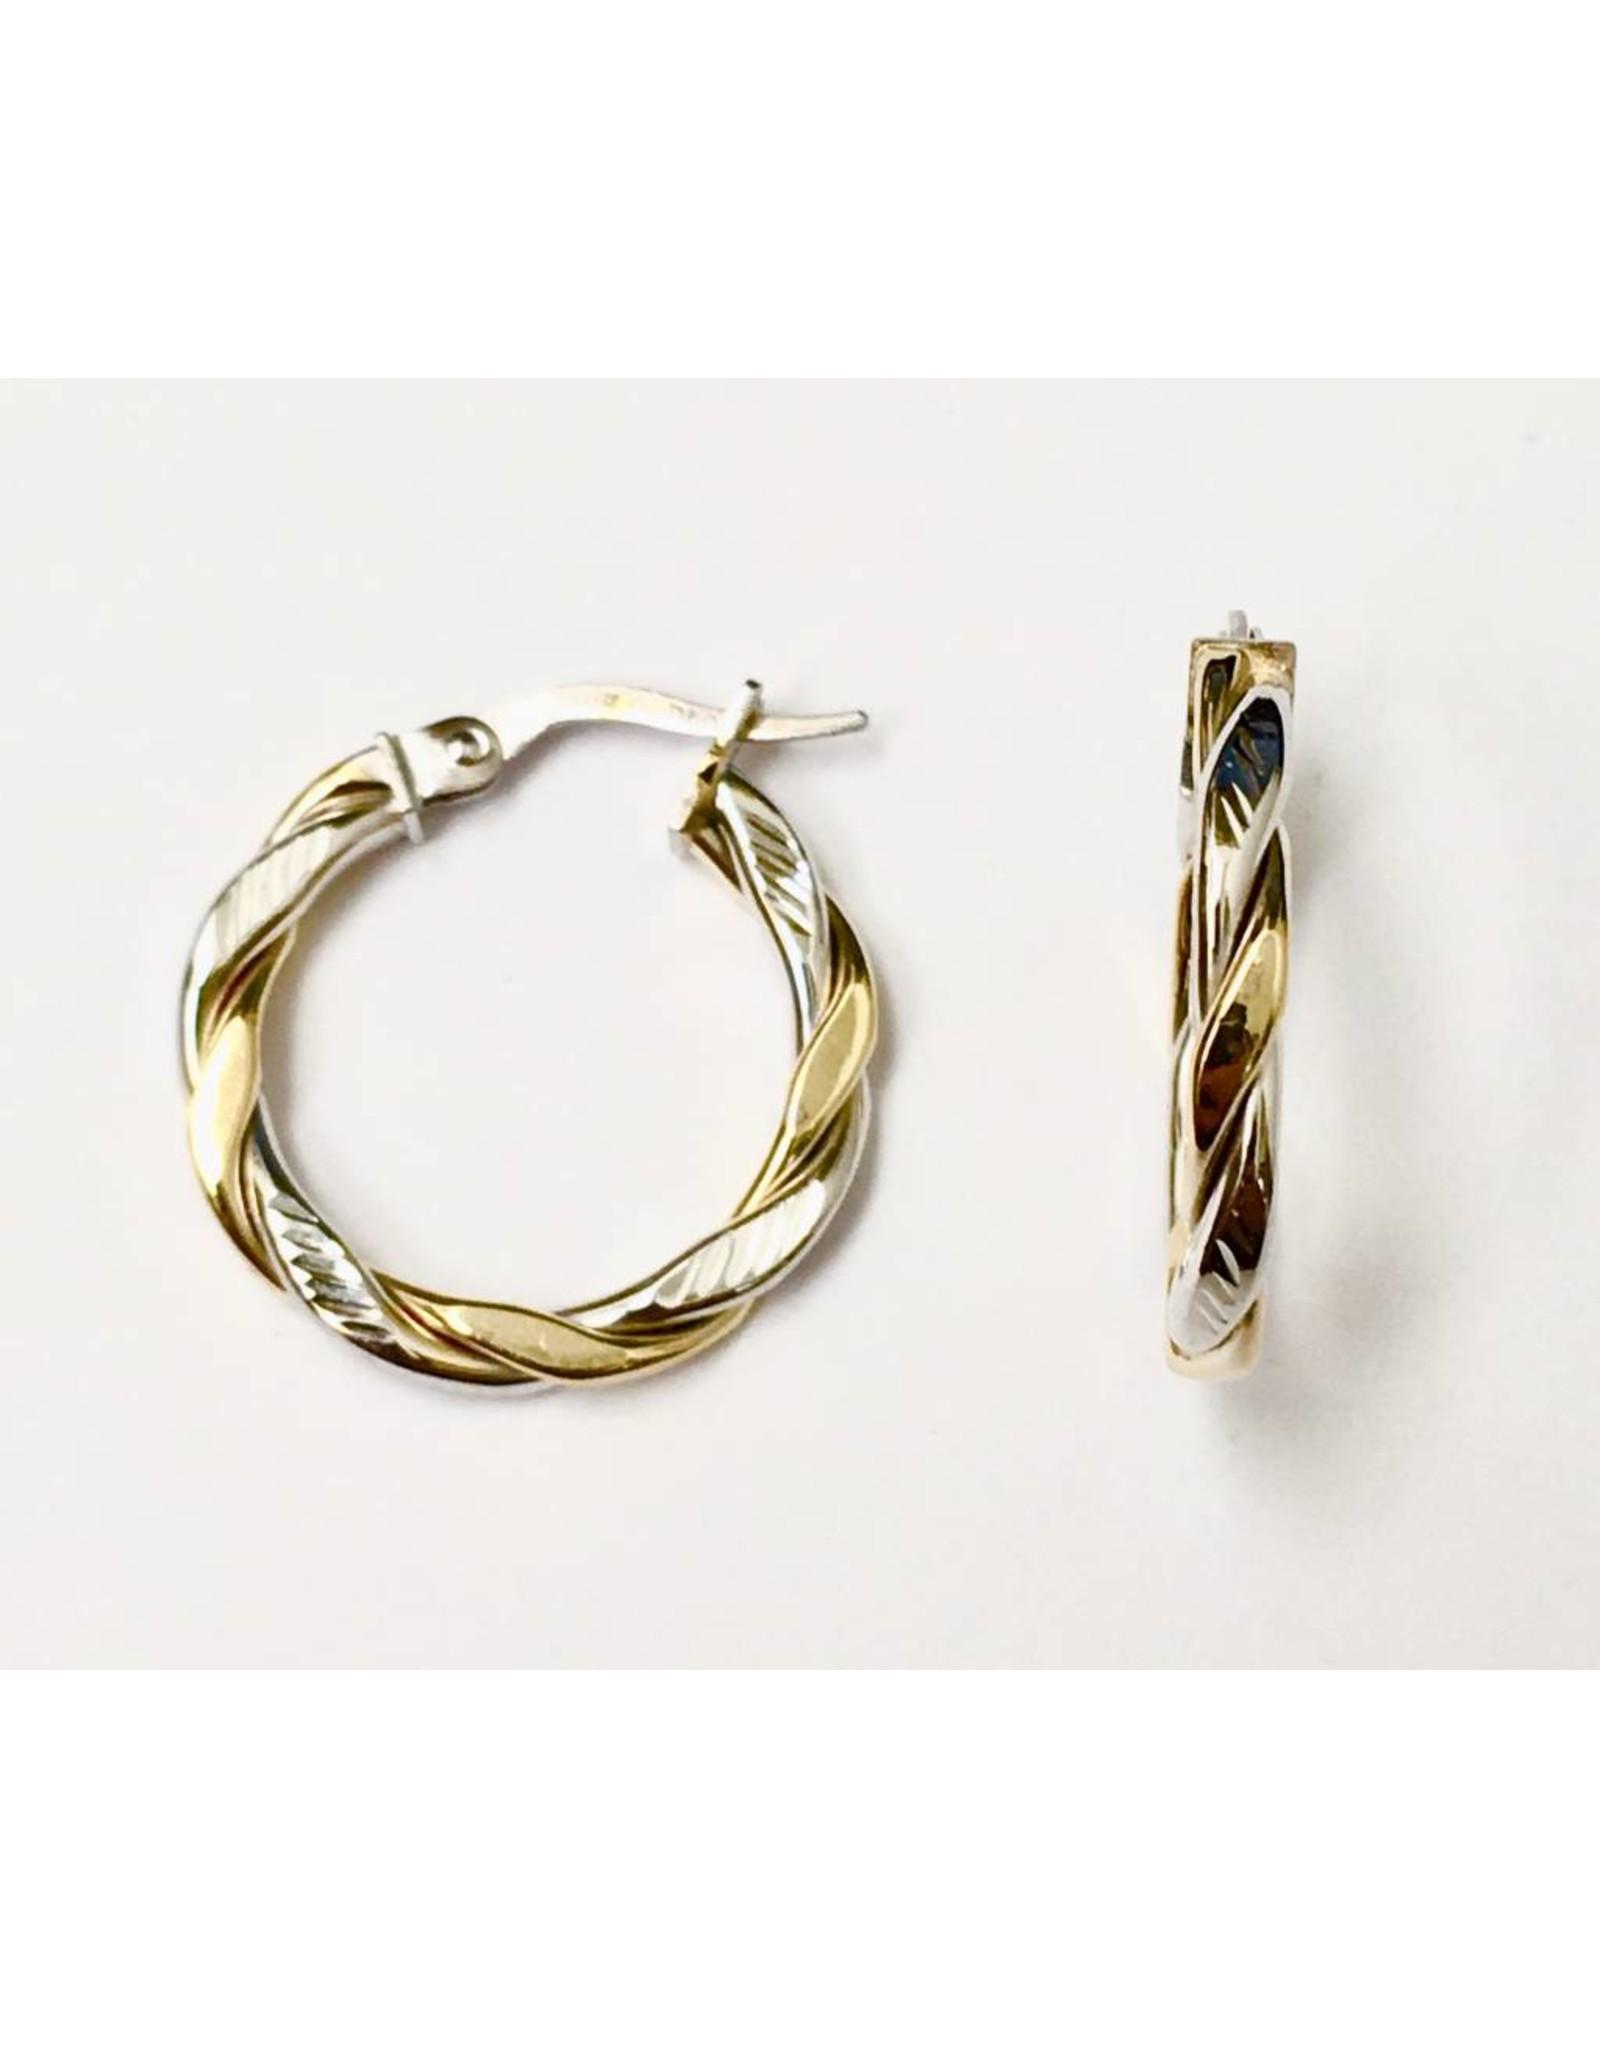 Two-Tone Twist Hoop Earrings 10KWY